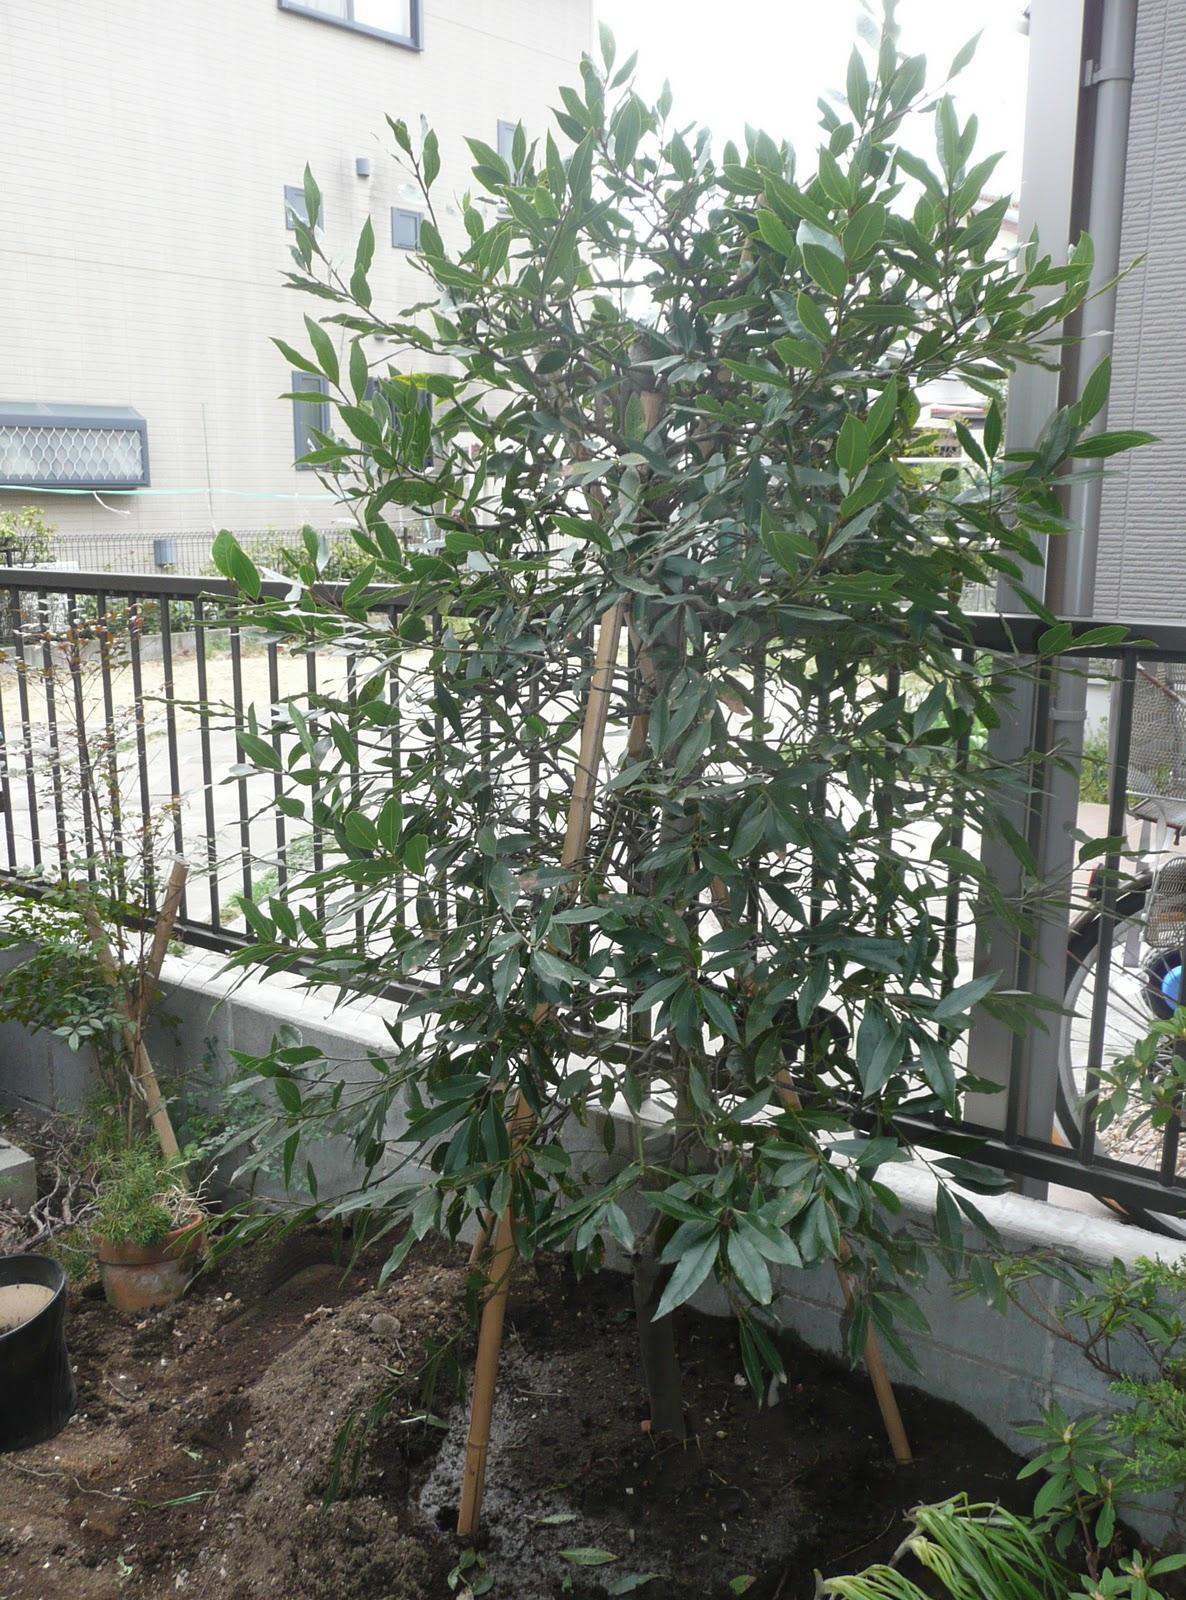 月桂樹を移植しました。移植した月桂樹が目隠しにもなって、この辺りは以前... 月桂樹の移植とシャ